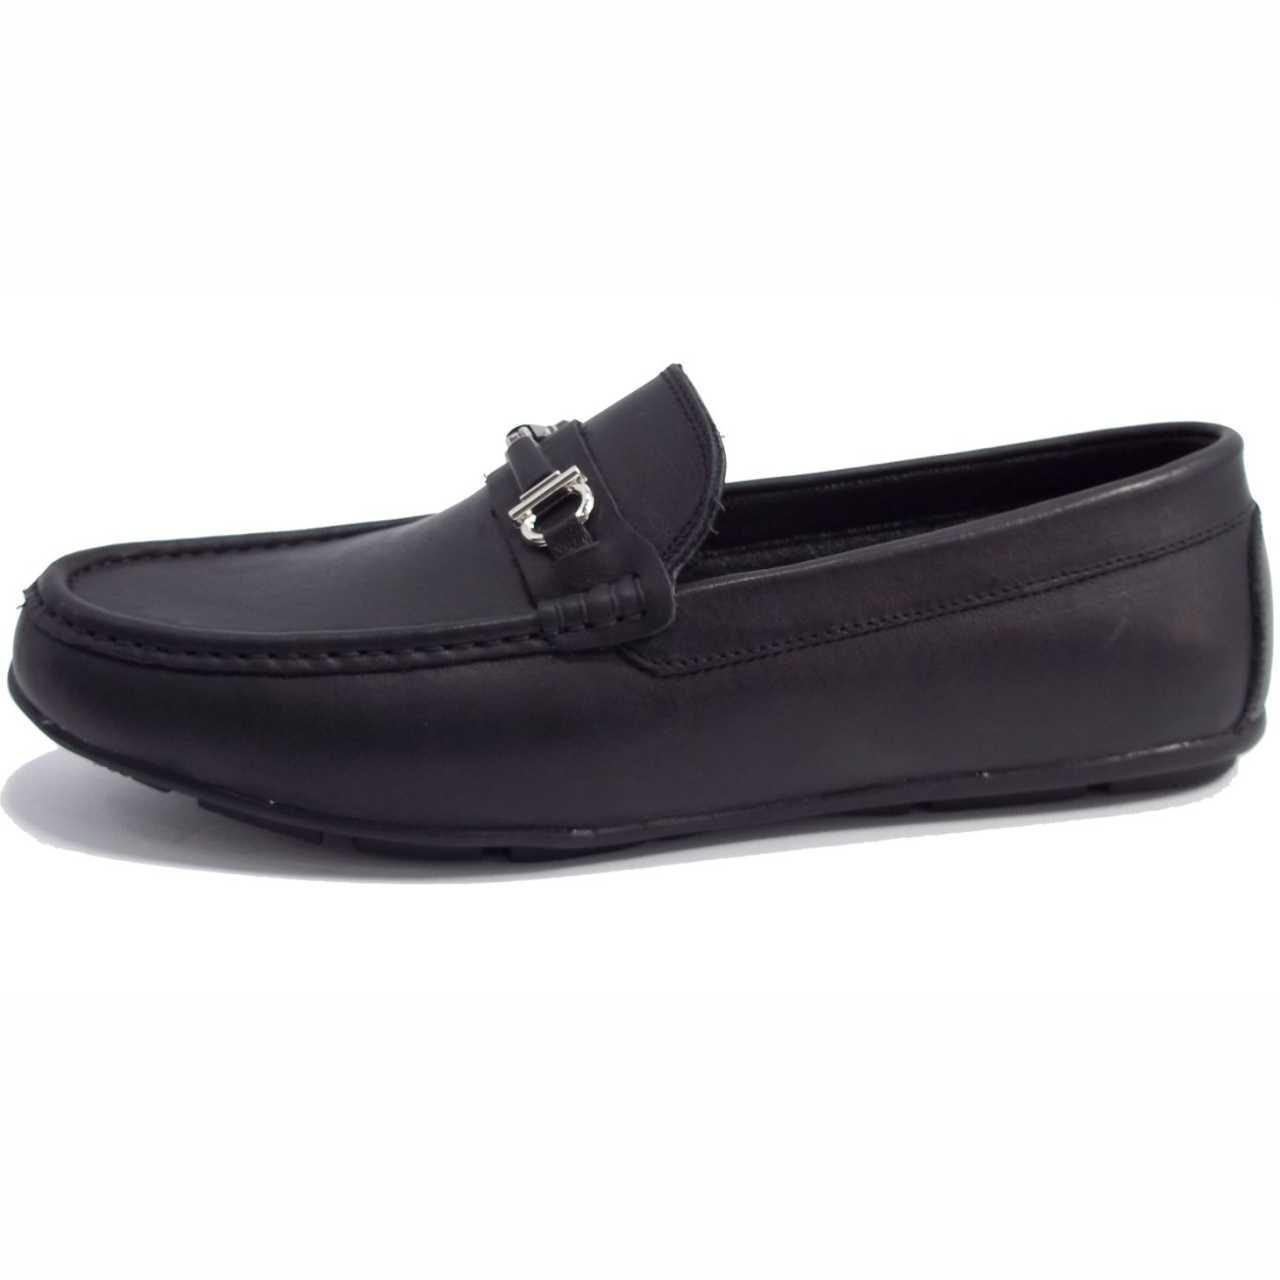 کفش کالج چرم مدل اکو سگکدار مشکی